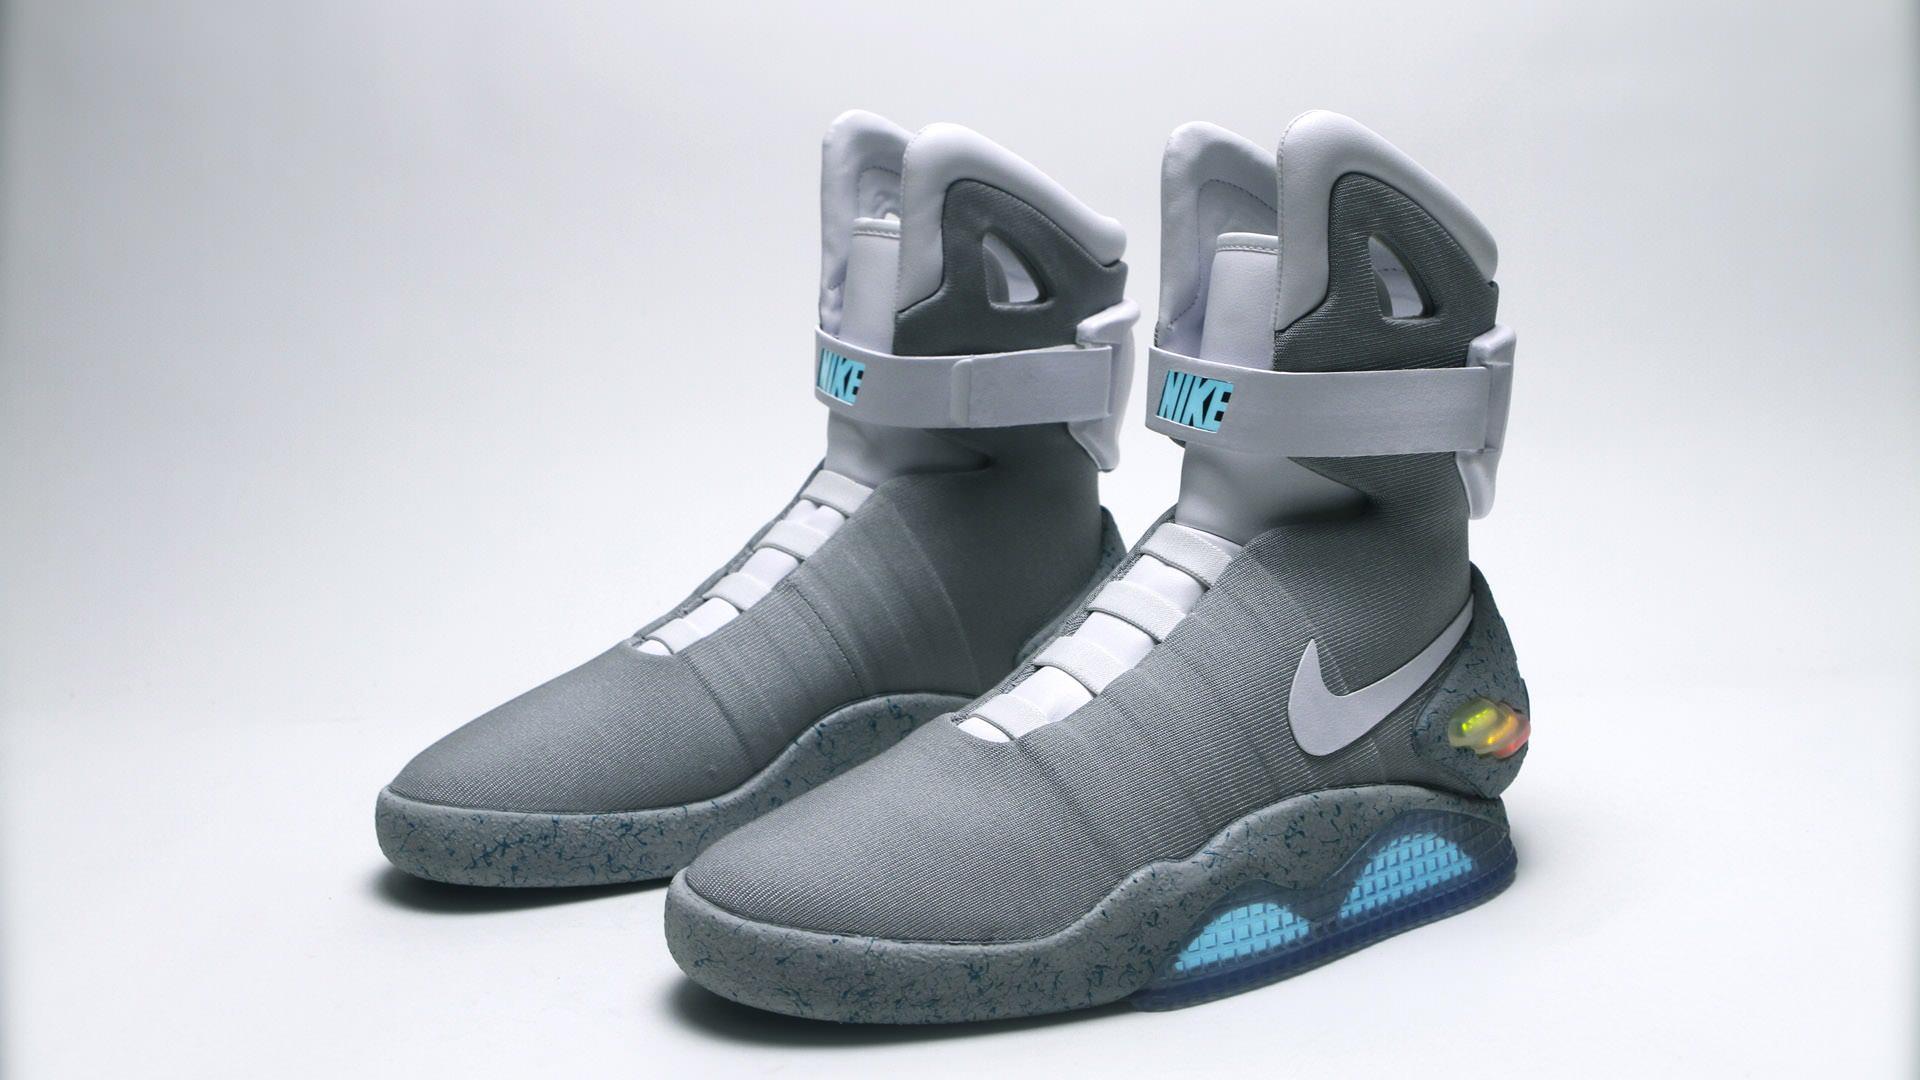 ... apprête à commercialiser les baskets Air Mag de Marty McFly: www.pratique.fr/actu/nike-apprete-commercialiser-baskets-air-mag...